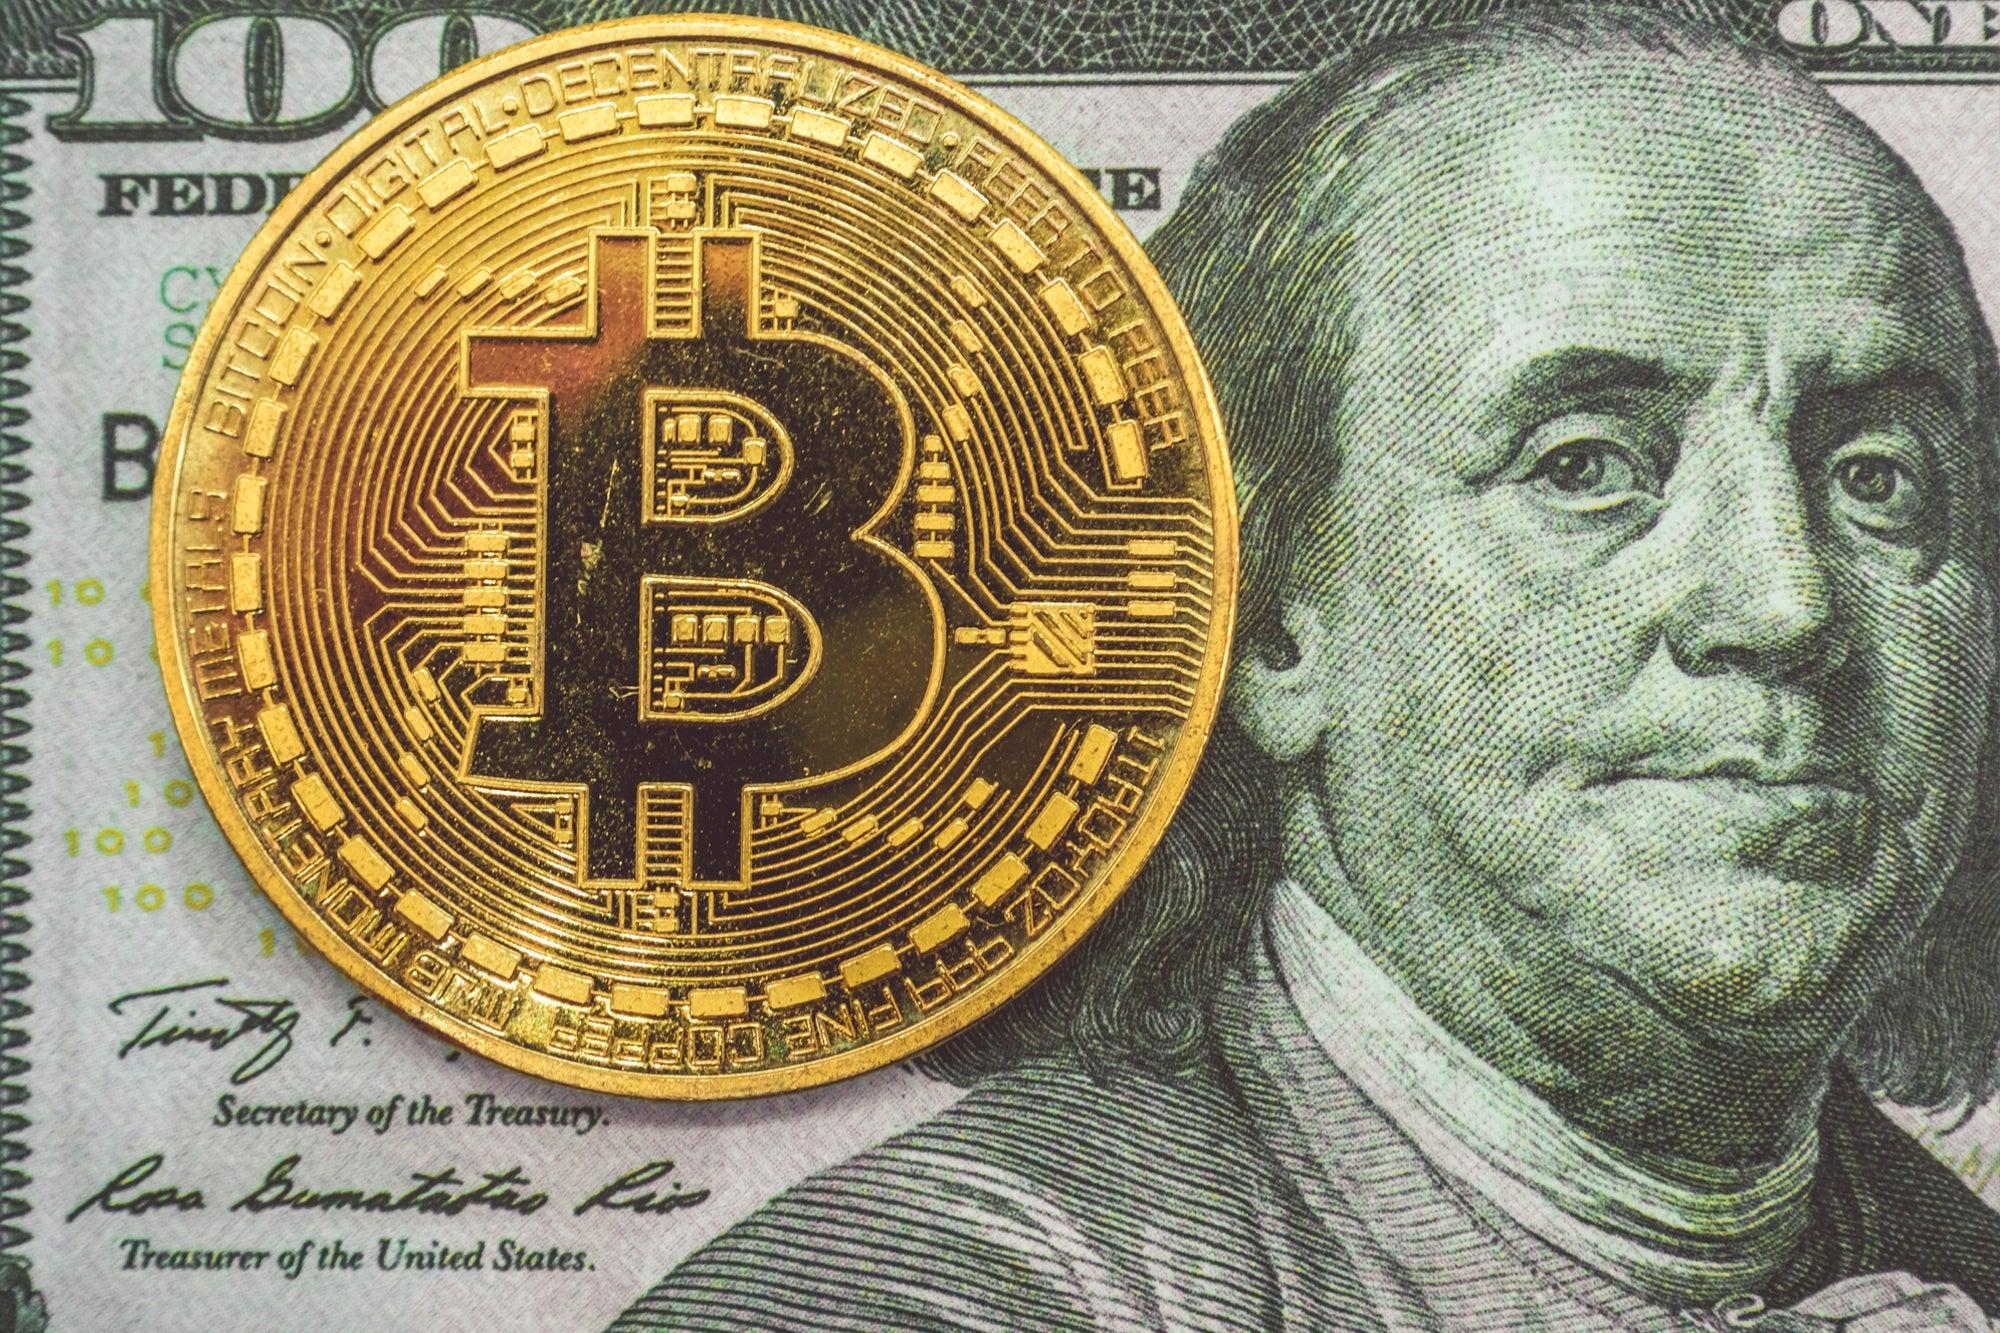 Bitcoin podría no volver a superar los 40,000 dólares, alerta JP Morgan